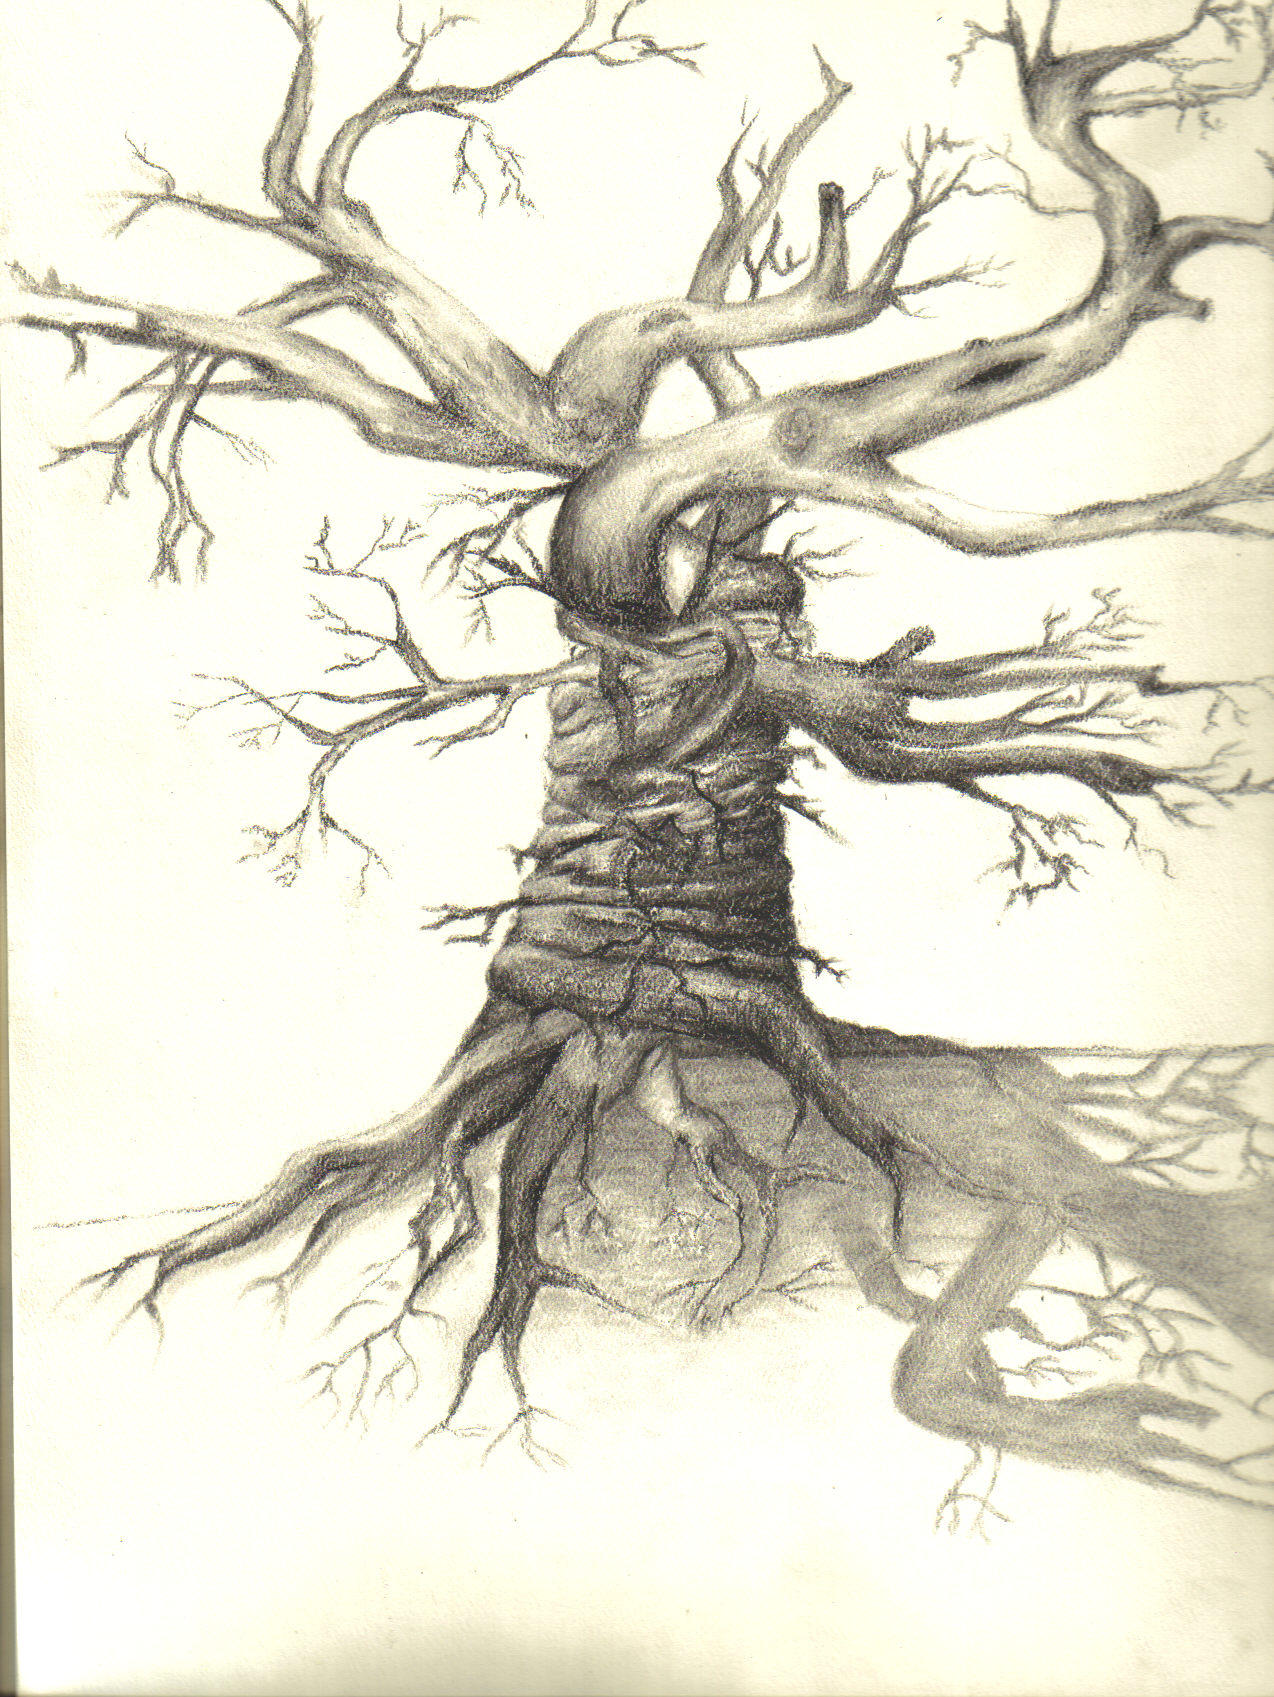 scary tree by 6shotgun6serenade6 on deviantart